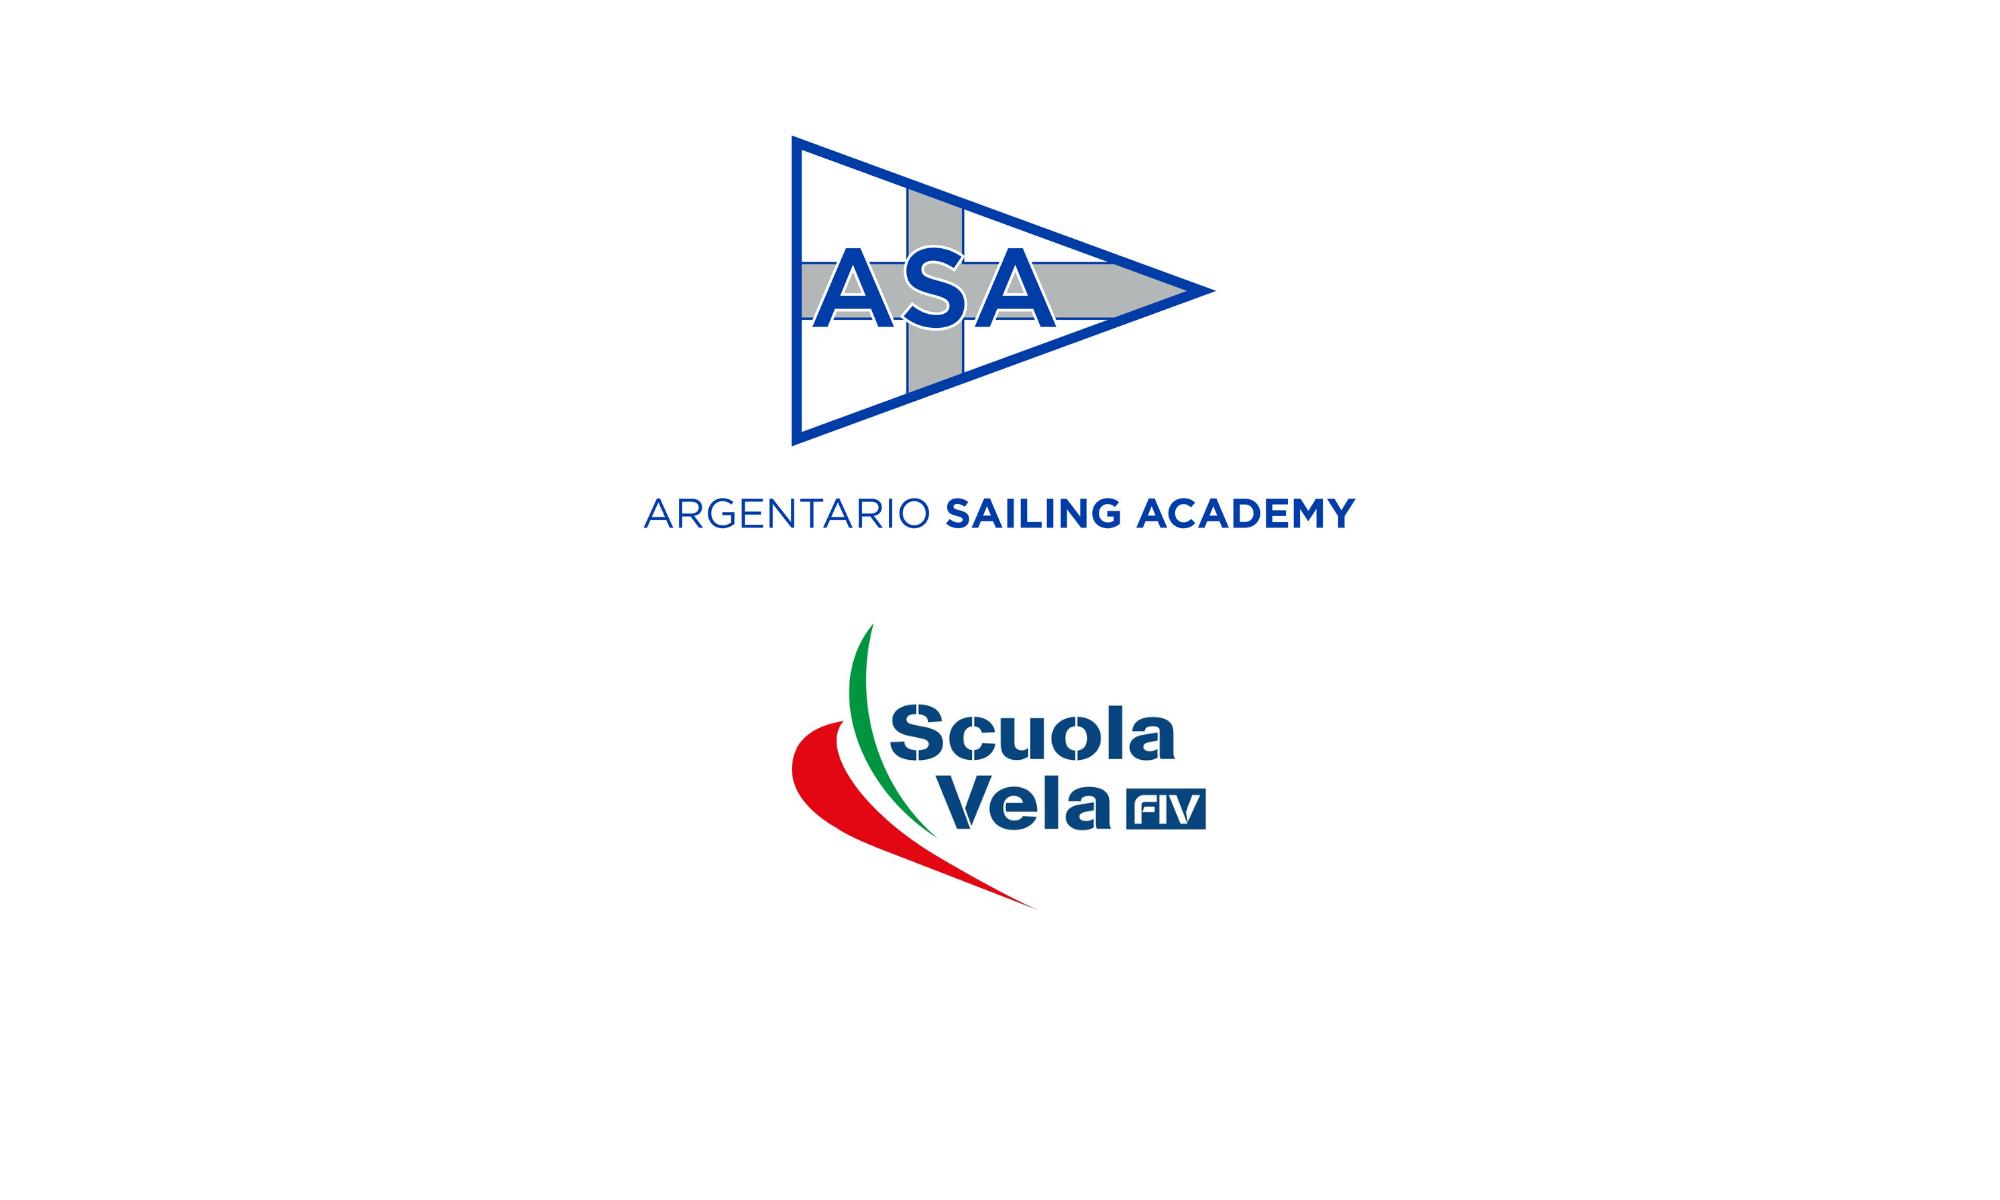 ASA - ARGENTARIO SAILING ACADEMY